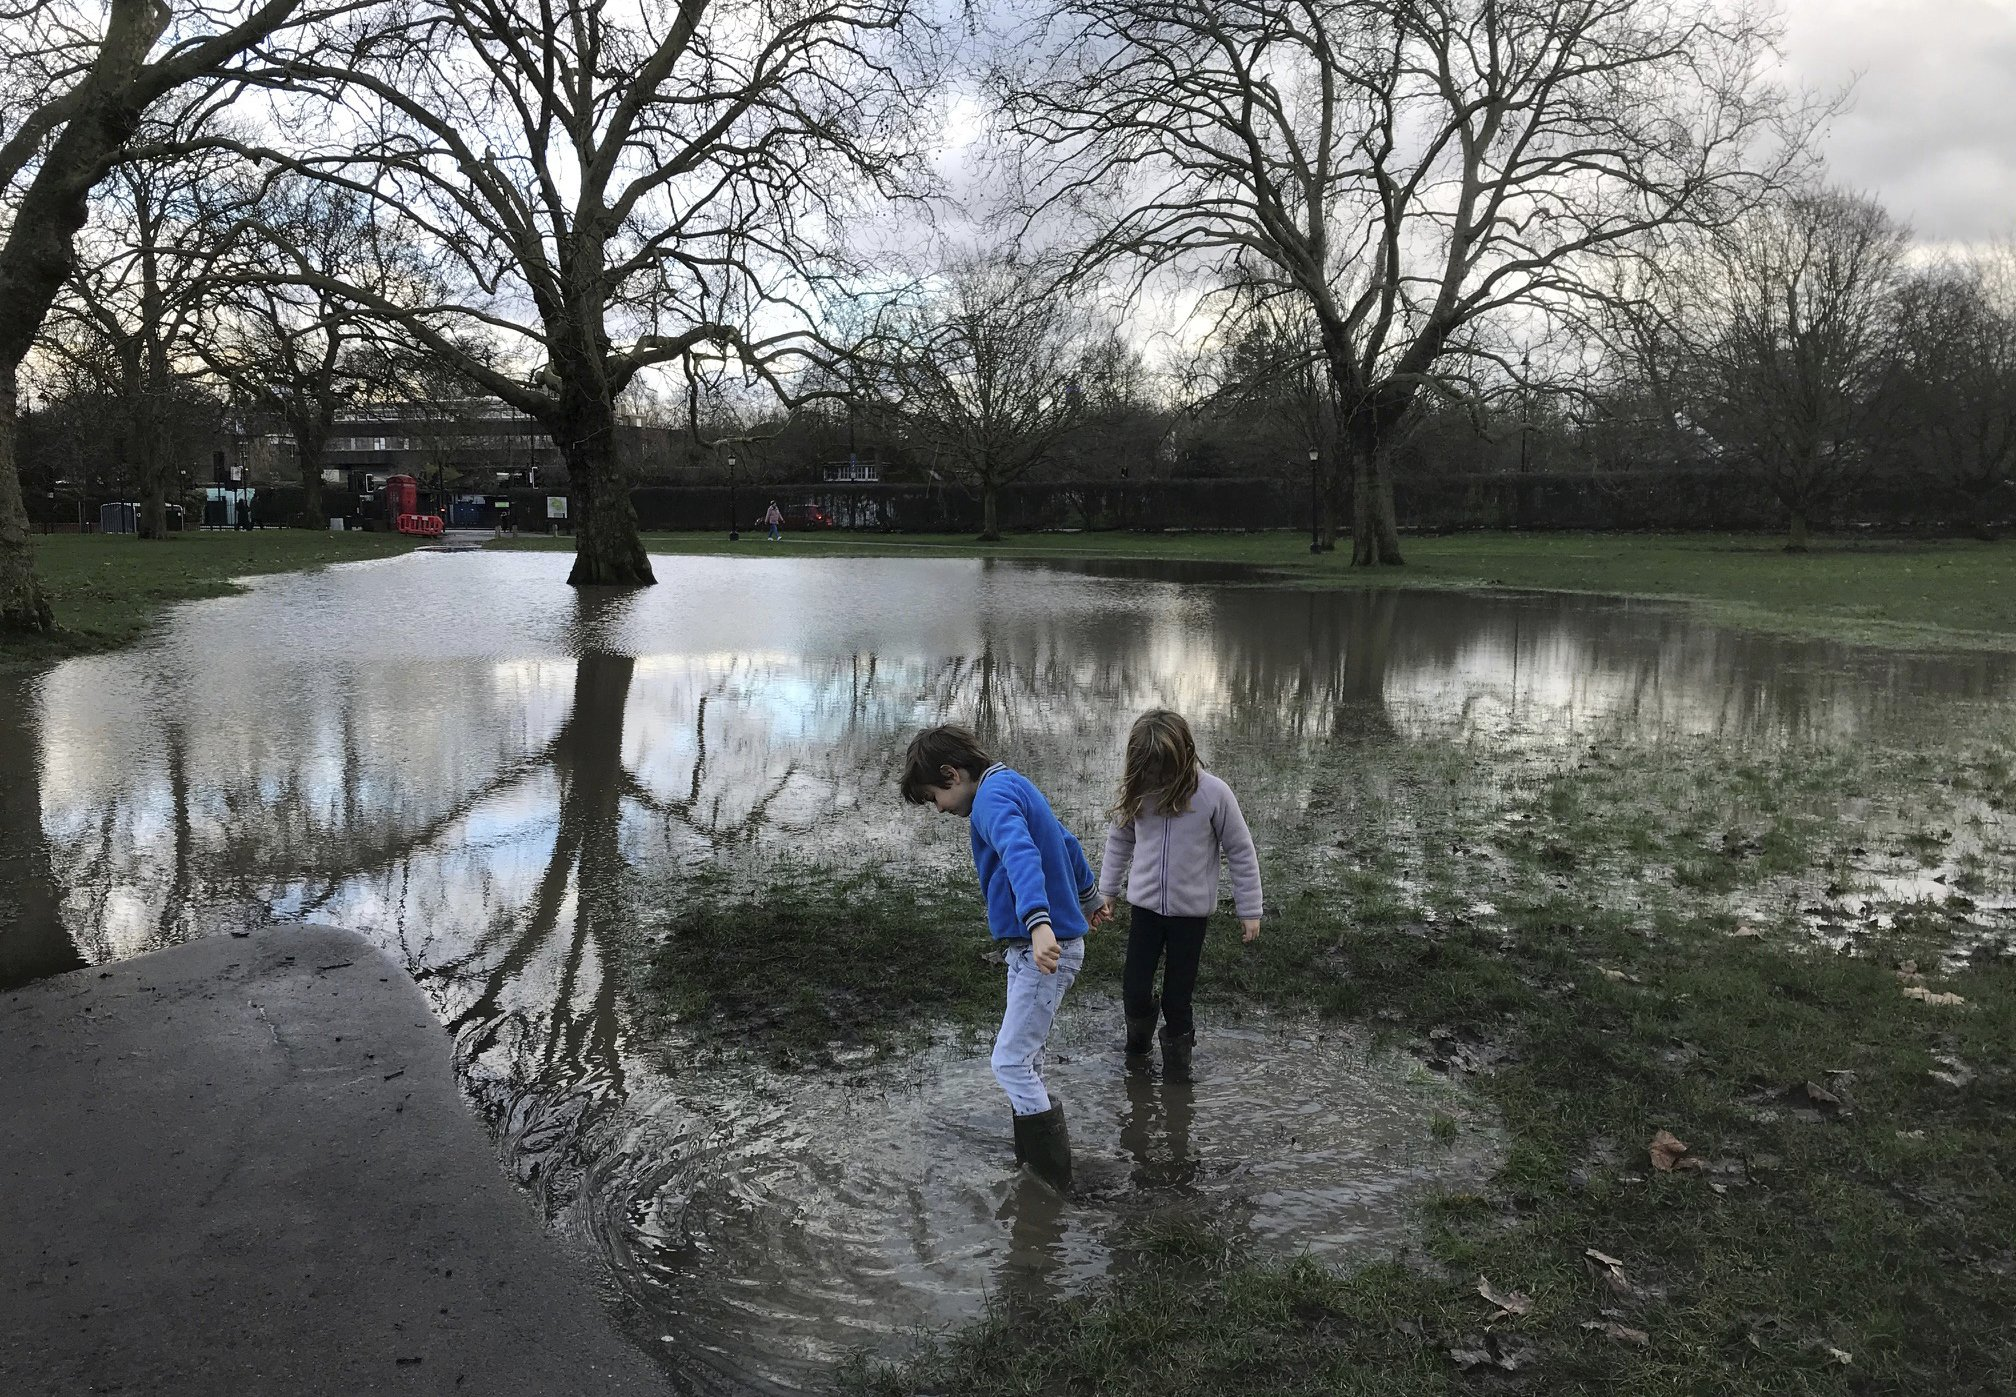 VIRUS DIARY: It's mud, mud everywhere in UK's 3rd lockdown